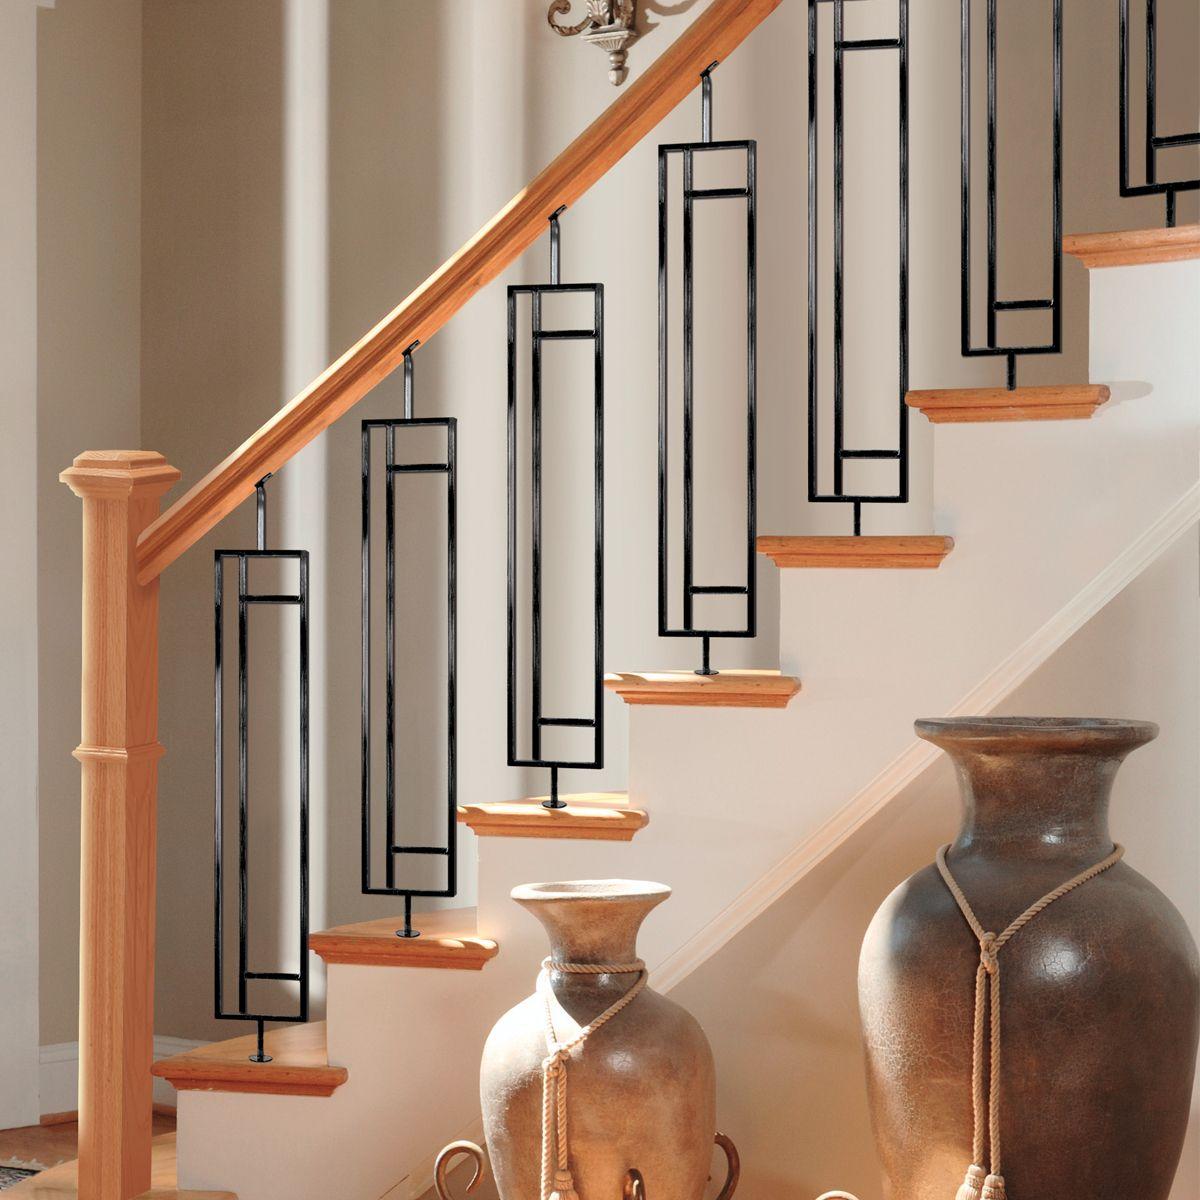 rampes en fer forg concept sga. Black Bedroom Furniture Sets. Home Design Ideas